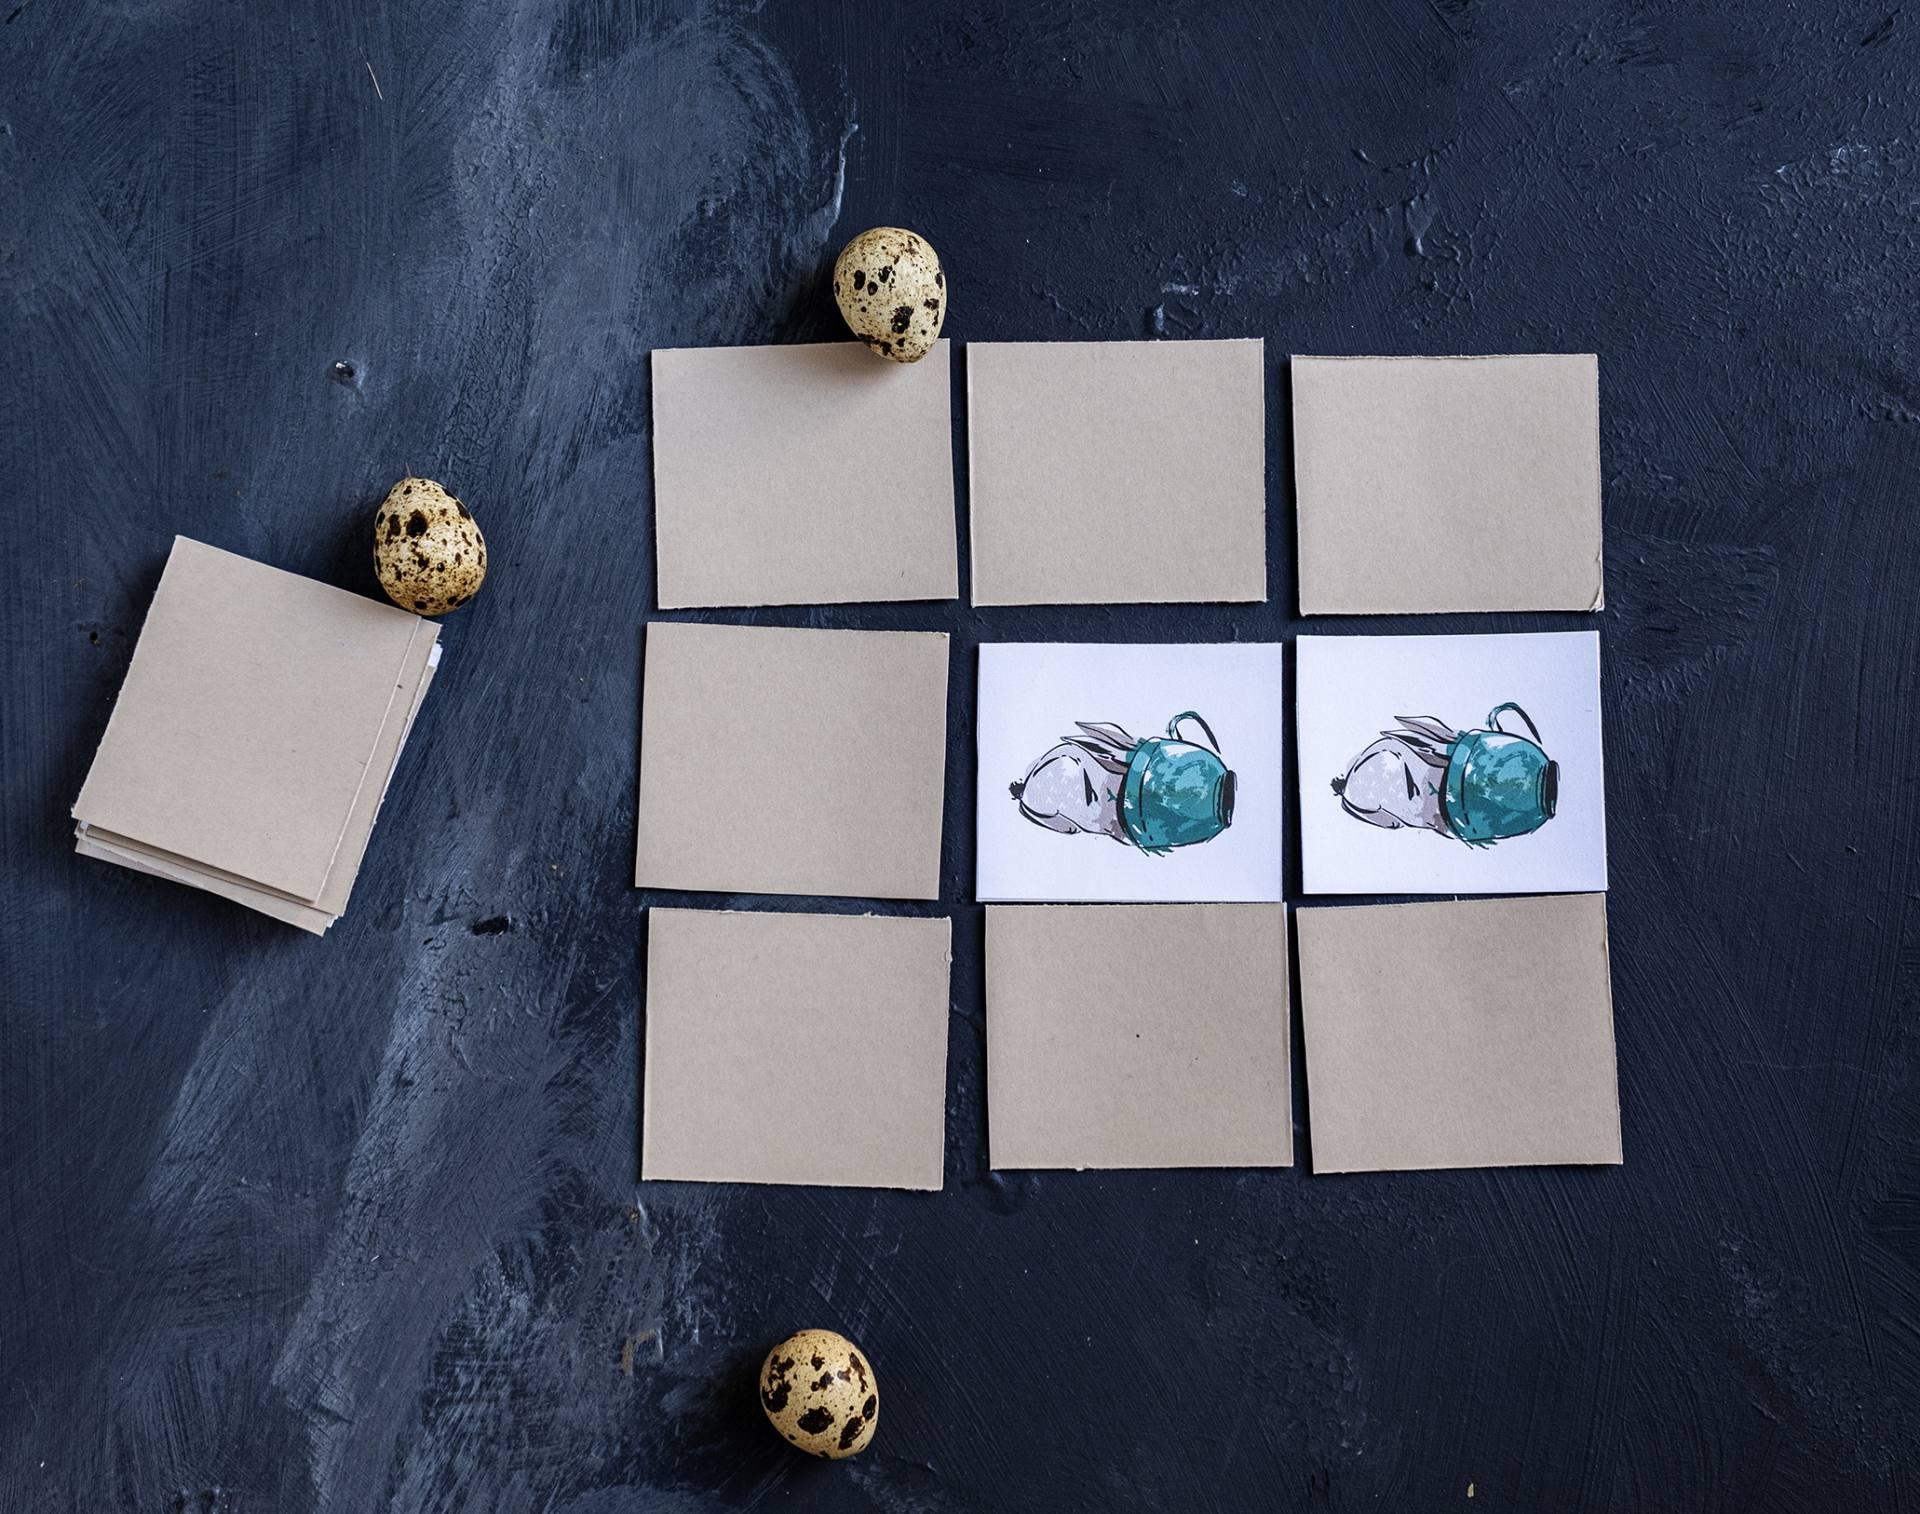 Als de afbeeldingen op beide kaartjes gelijk zijn, dan neemt de speler de twee kaartjes en legt deze voor zich neer.